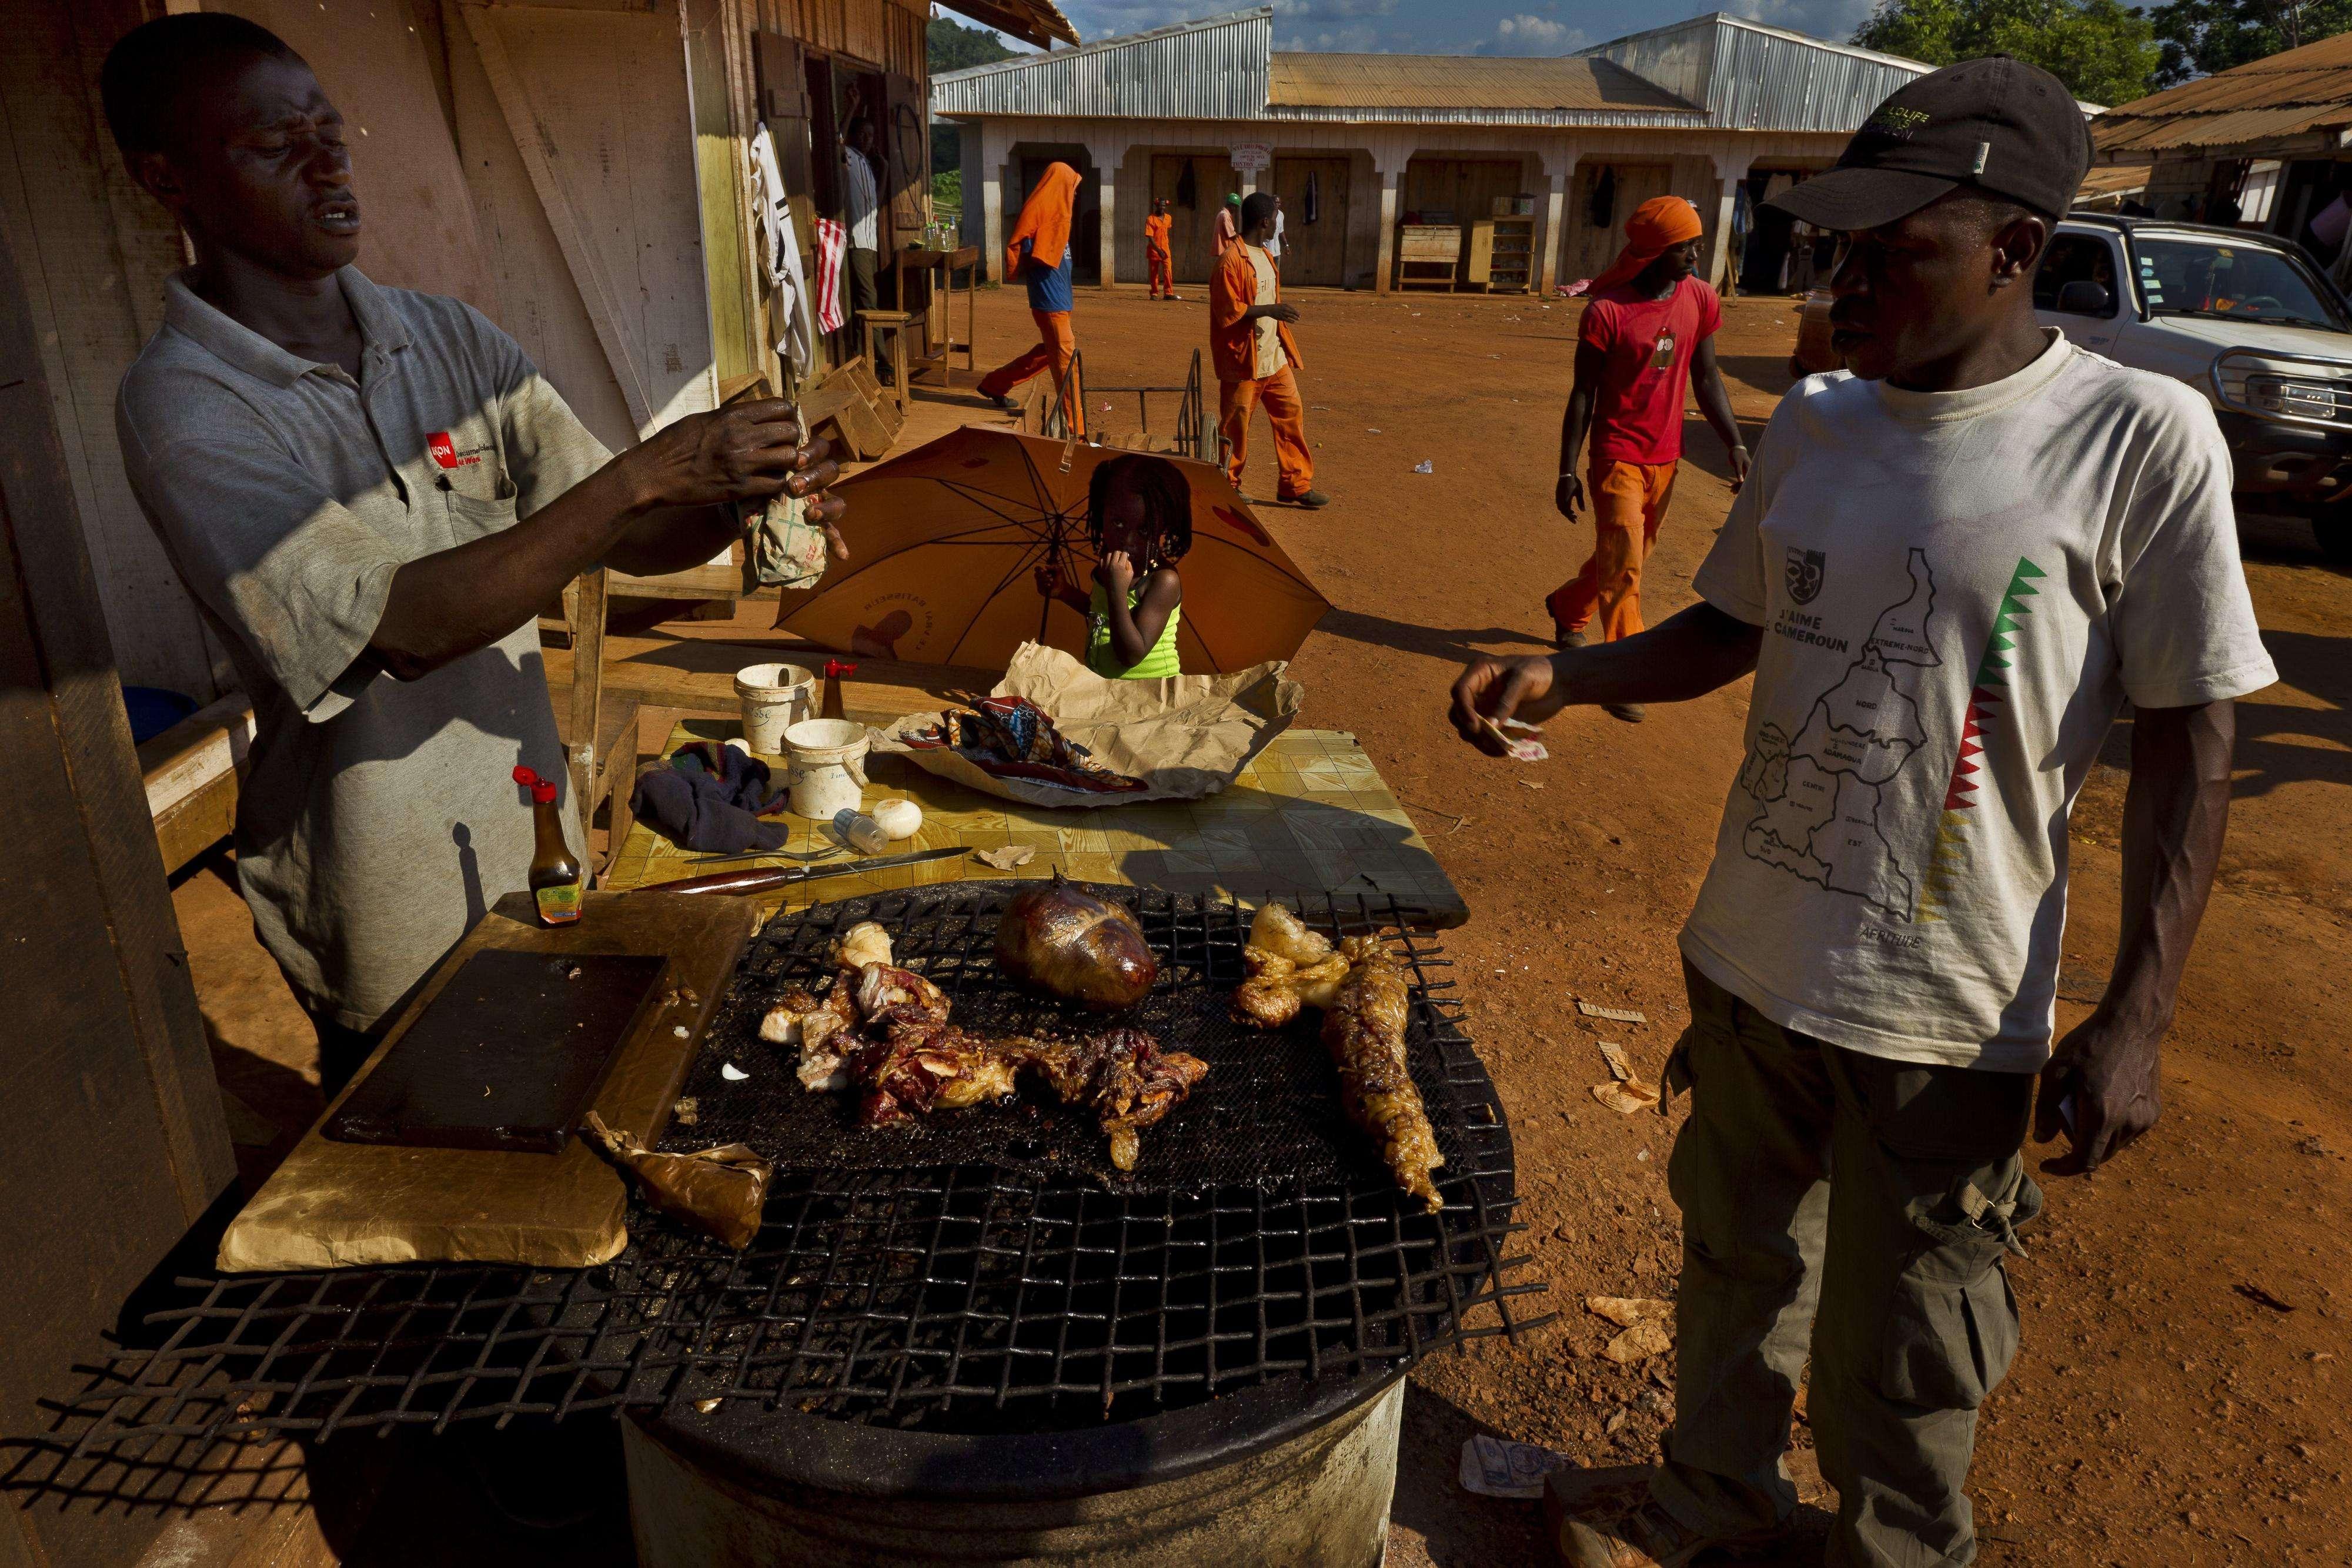 Carne de animais silvestres é bastante comum em países africanos que não têm recursos Foto: Brent Stirton/Getty Images